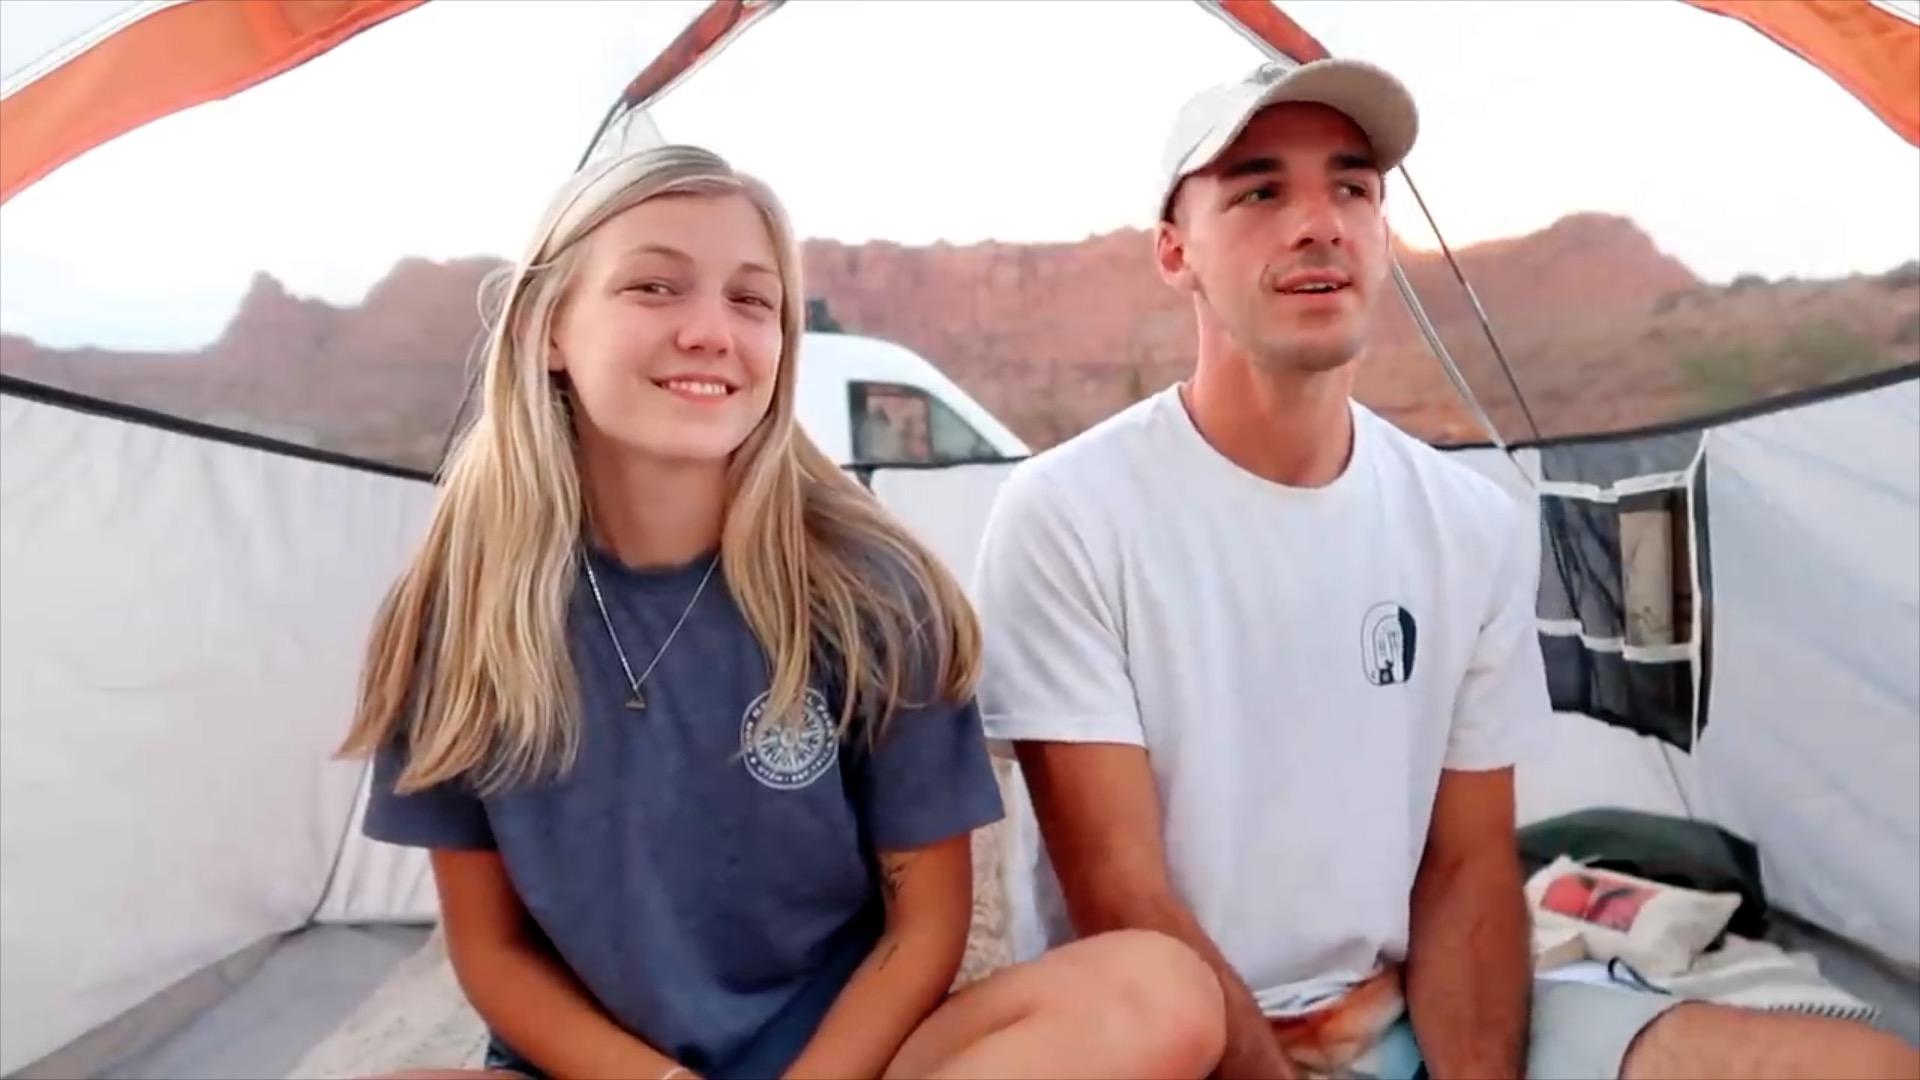 FBI confirmó que cadáver hallado pertenece a la desaparecida 'youtuber' Gabby Petito